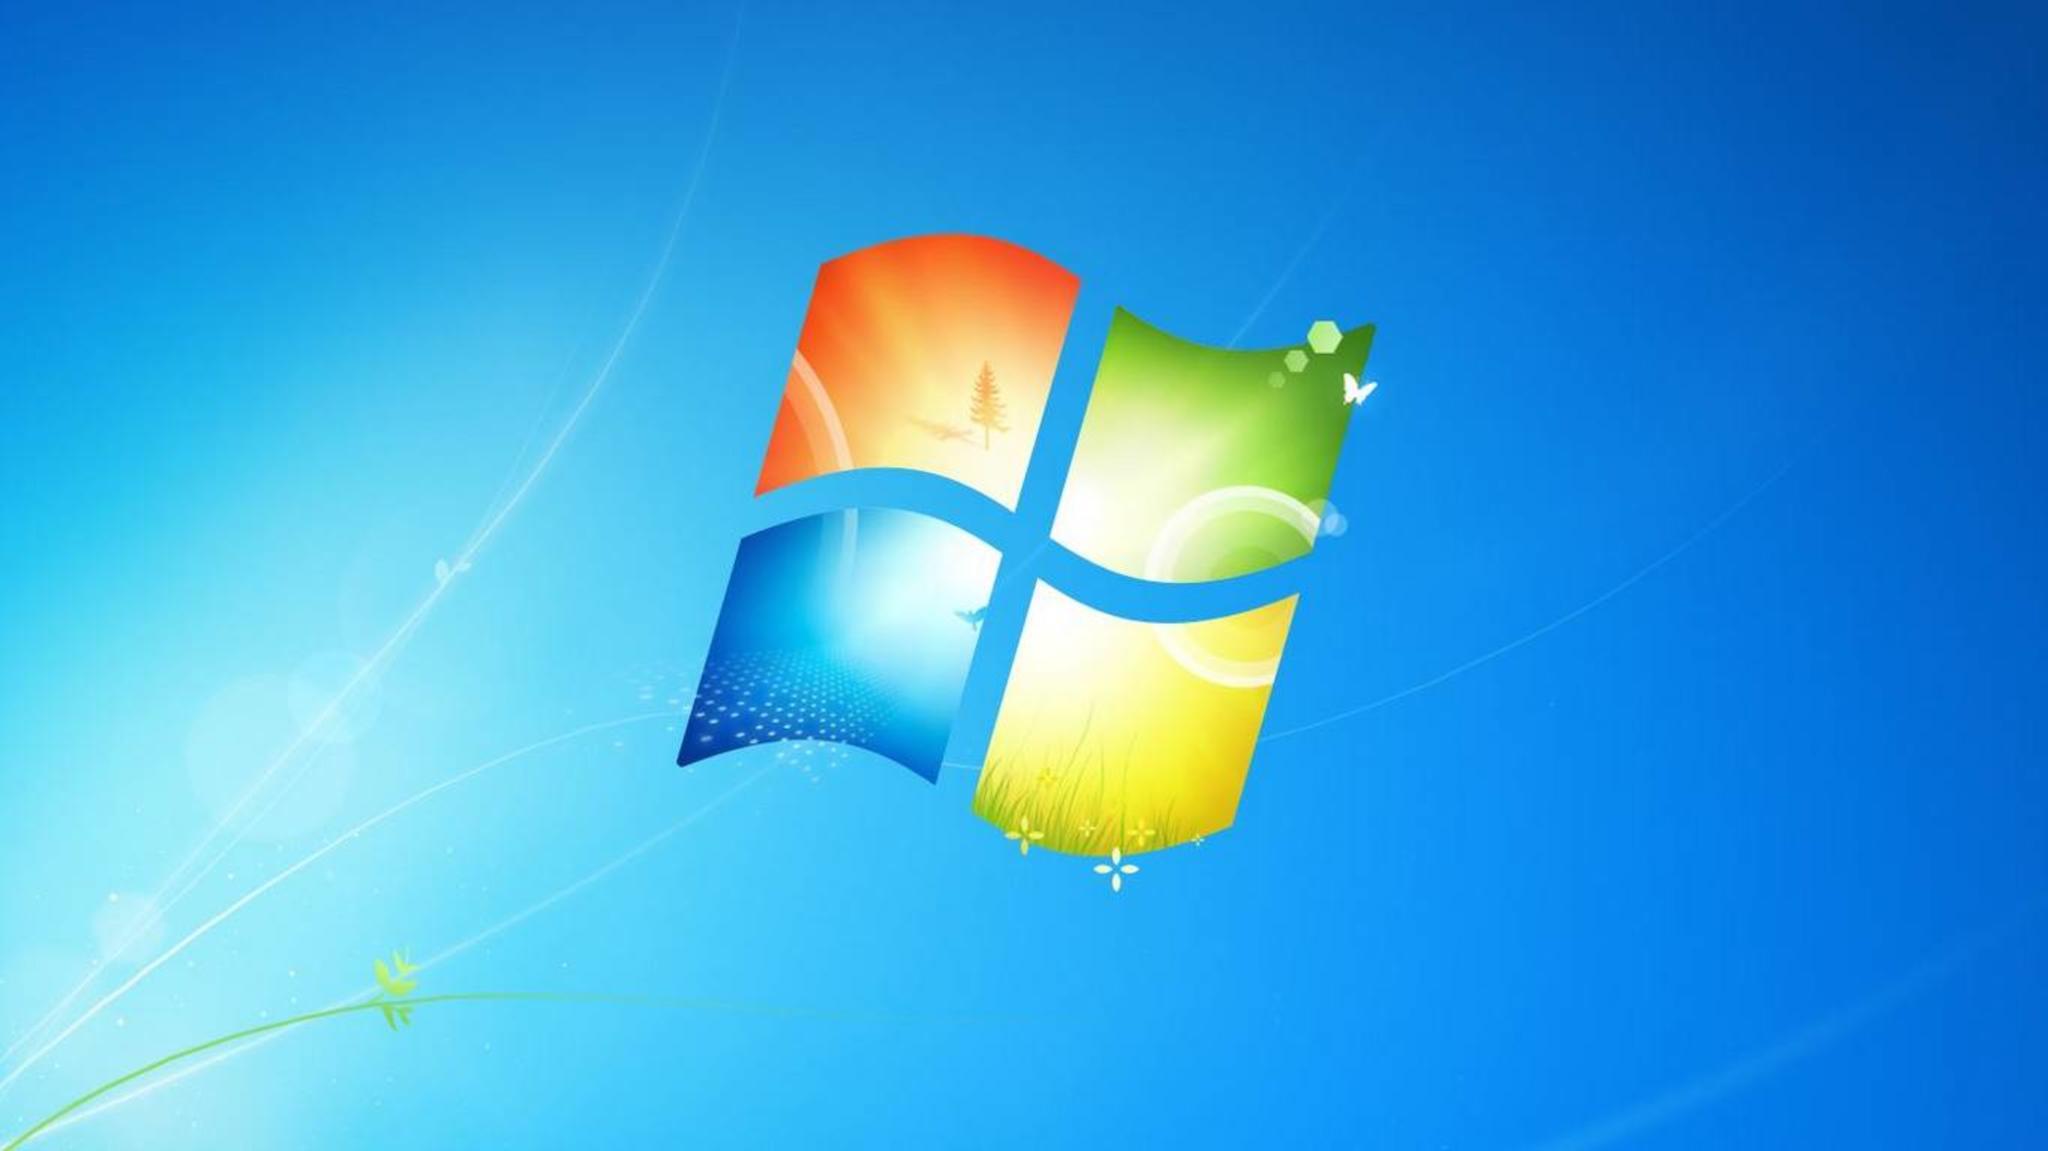 Windows 7 wird ab Anfang 2020 von Microsoft nicht mehr unterstützt.